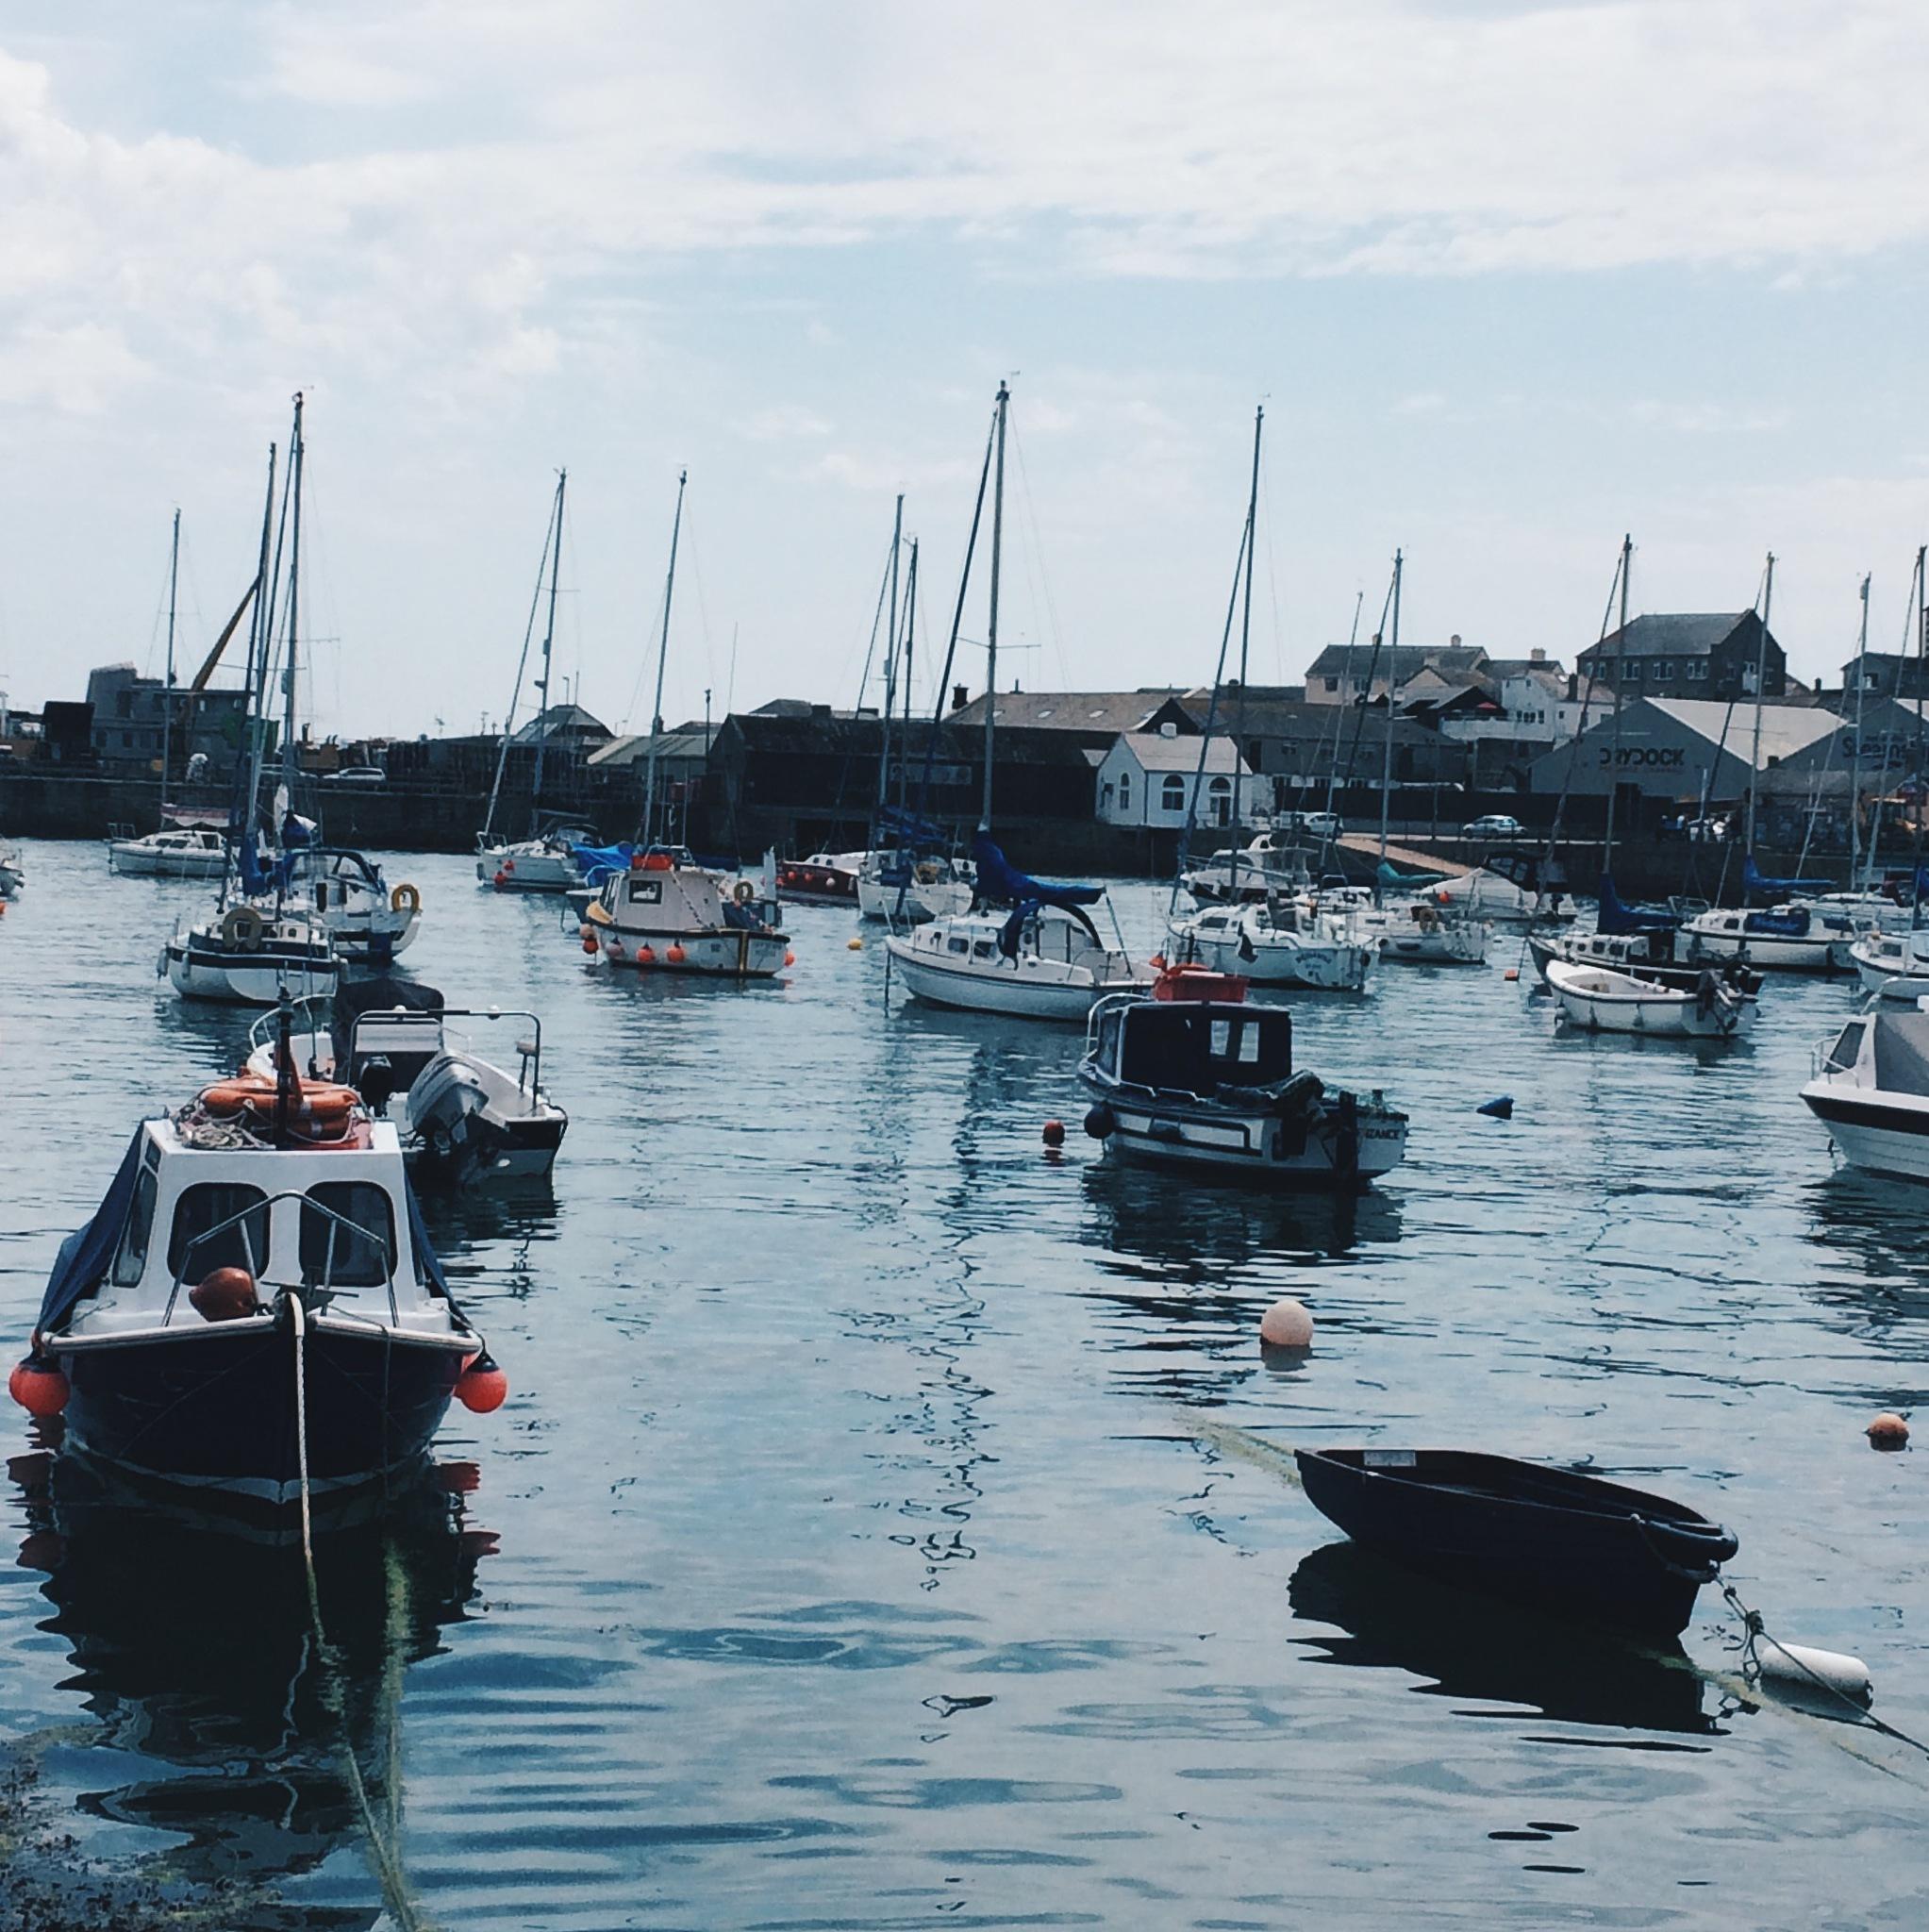 Boats  by laurenmason1502